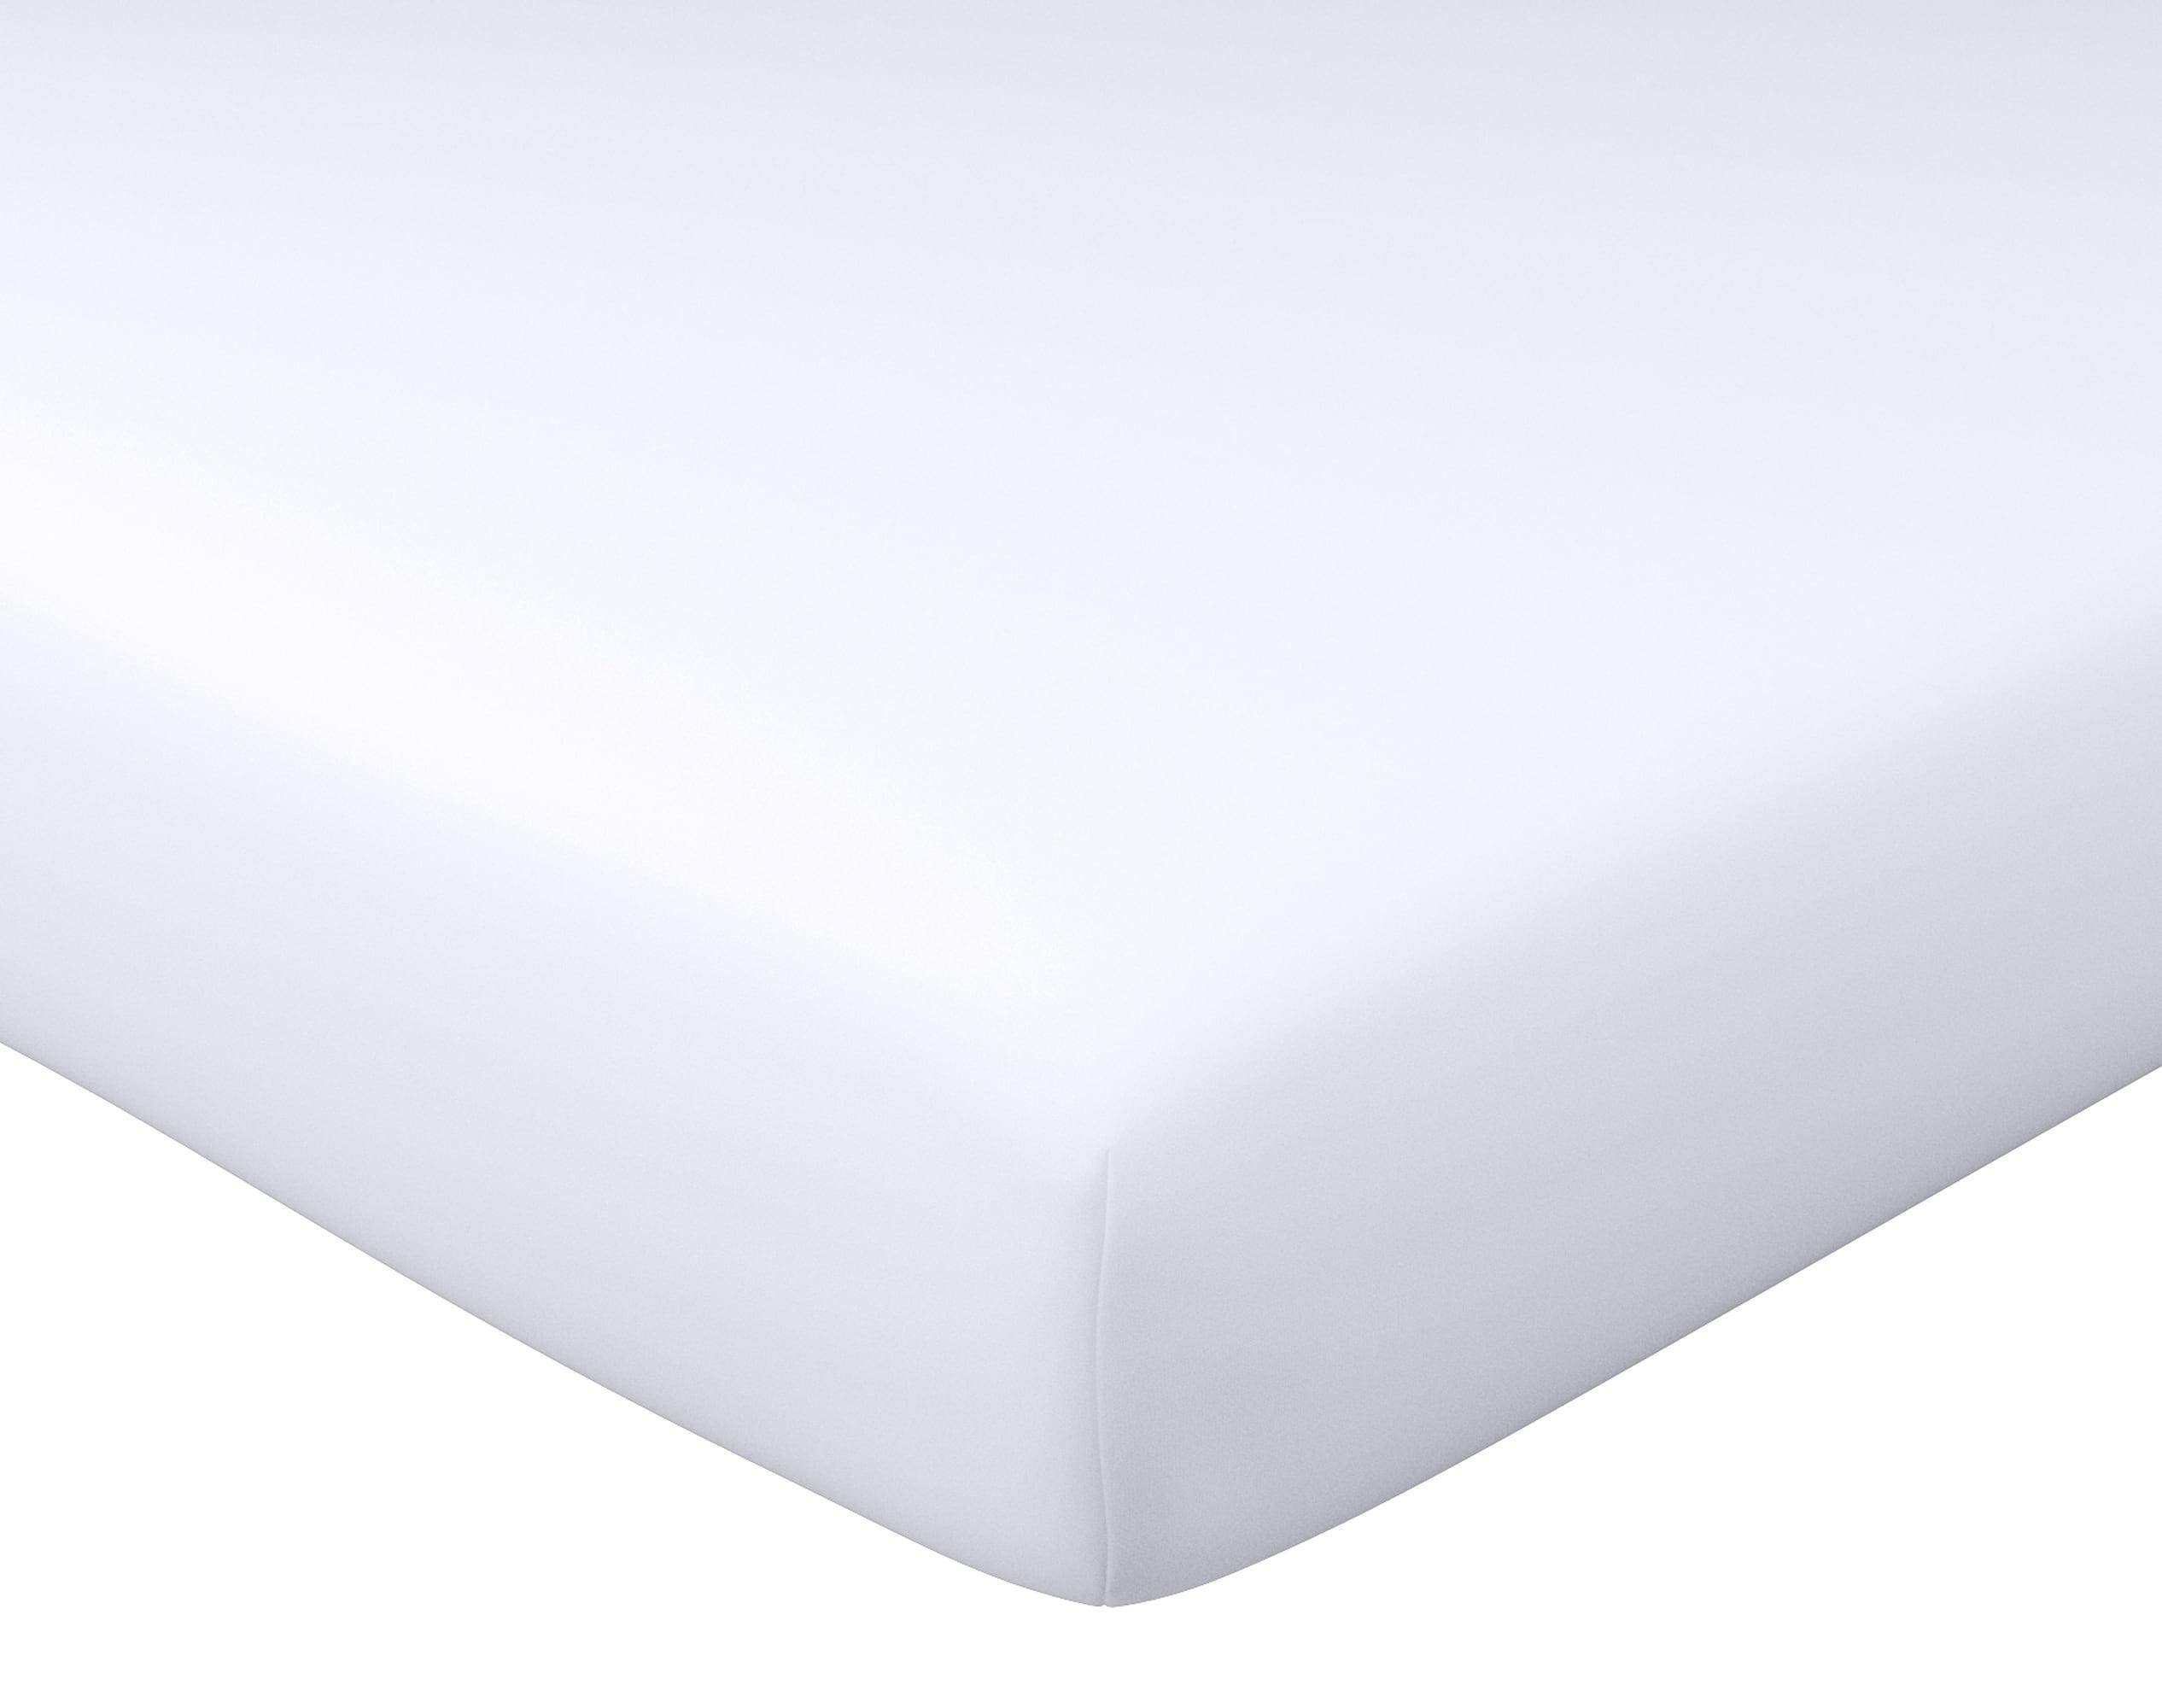 Drap-housse 90x190 en coton blanc